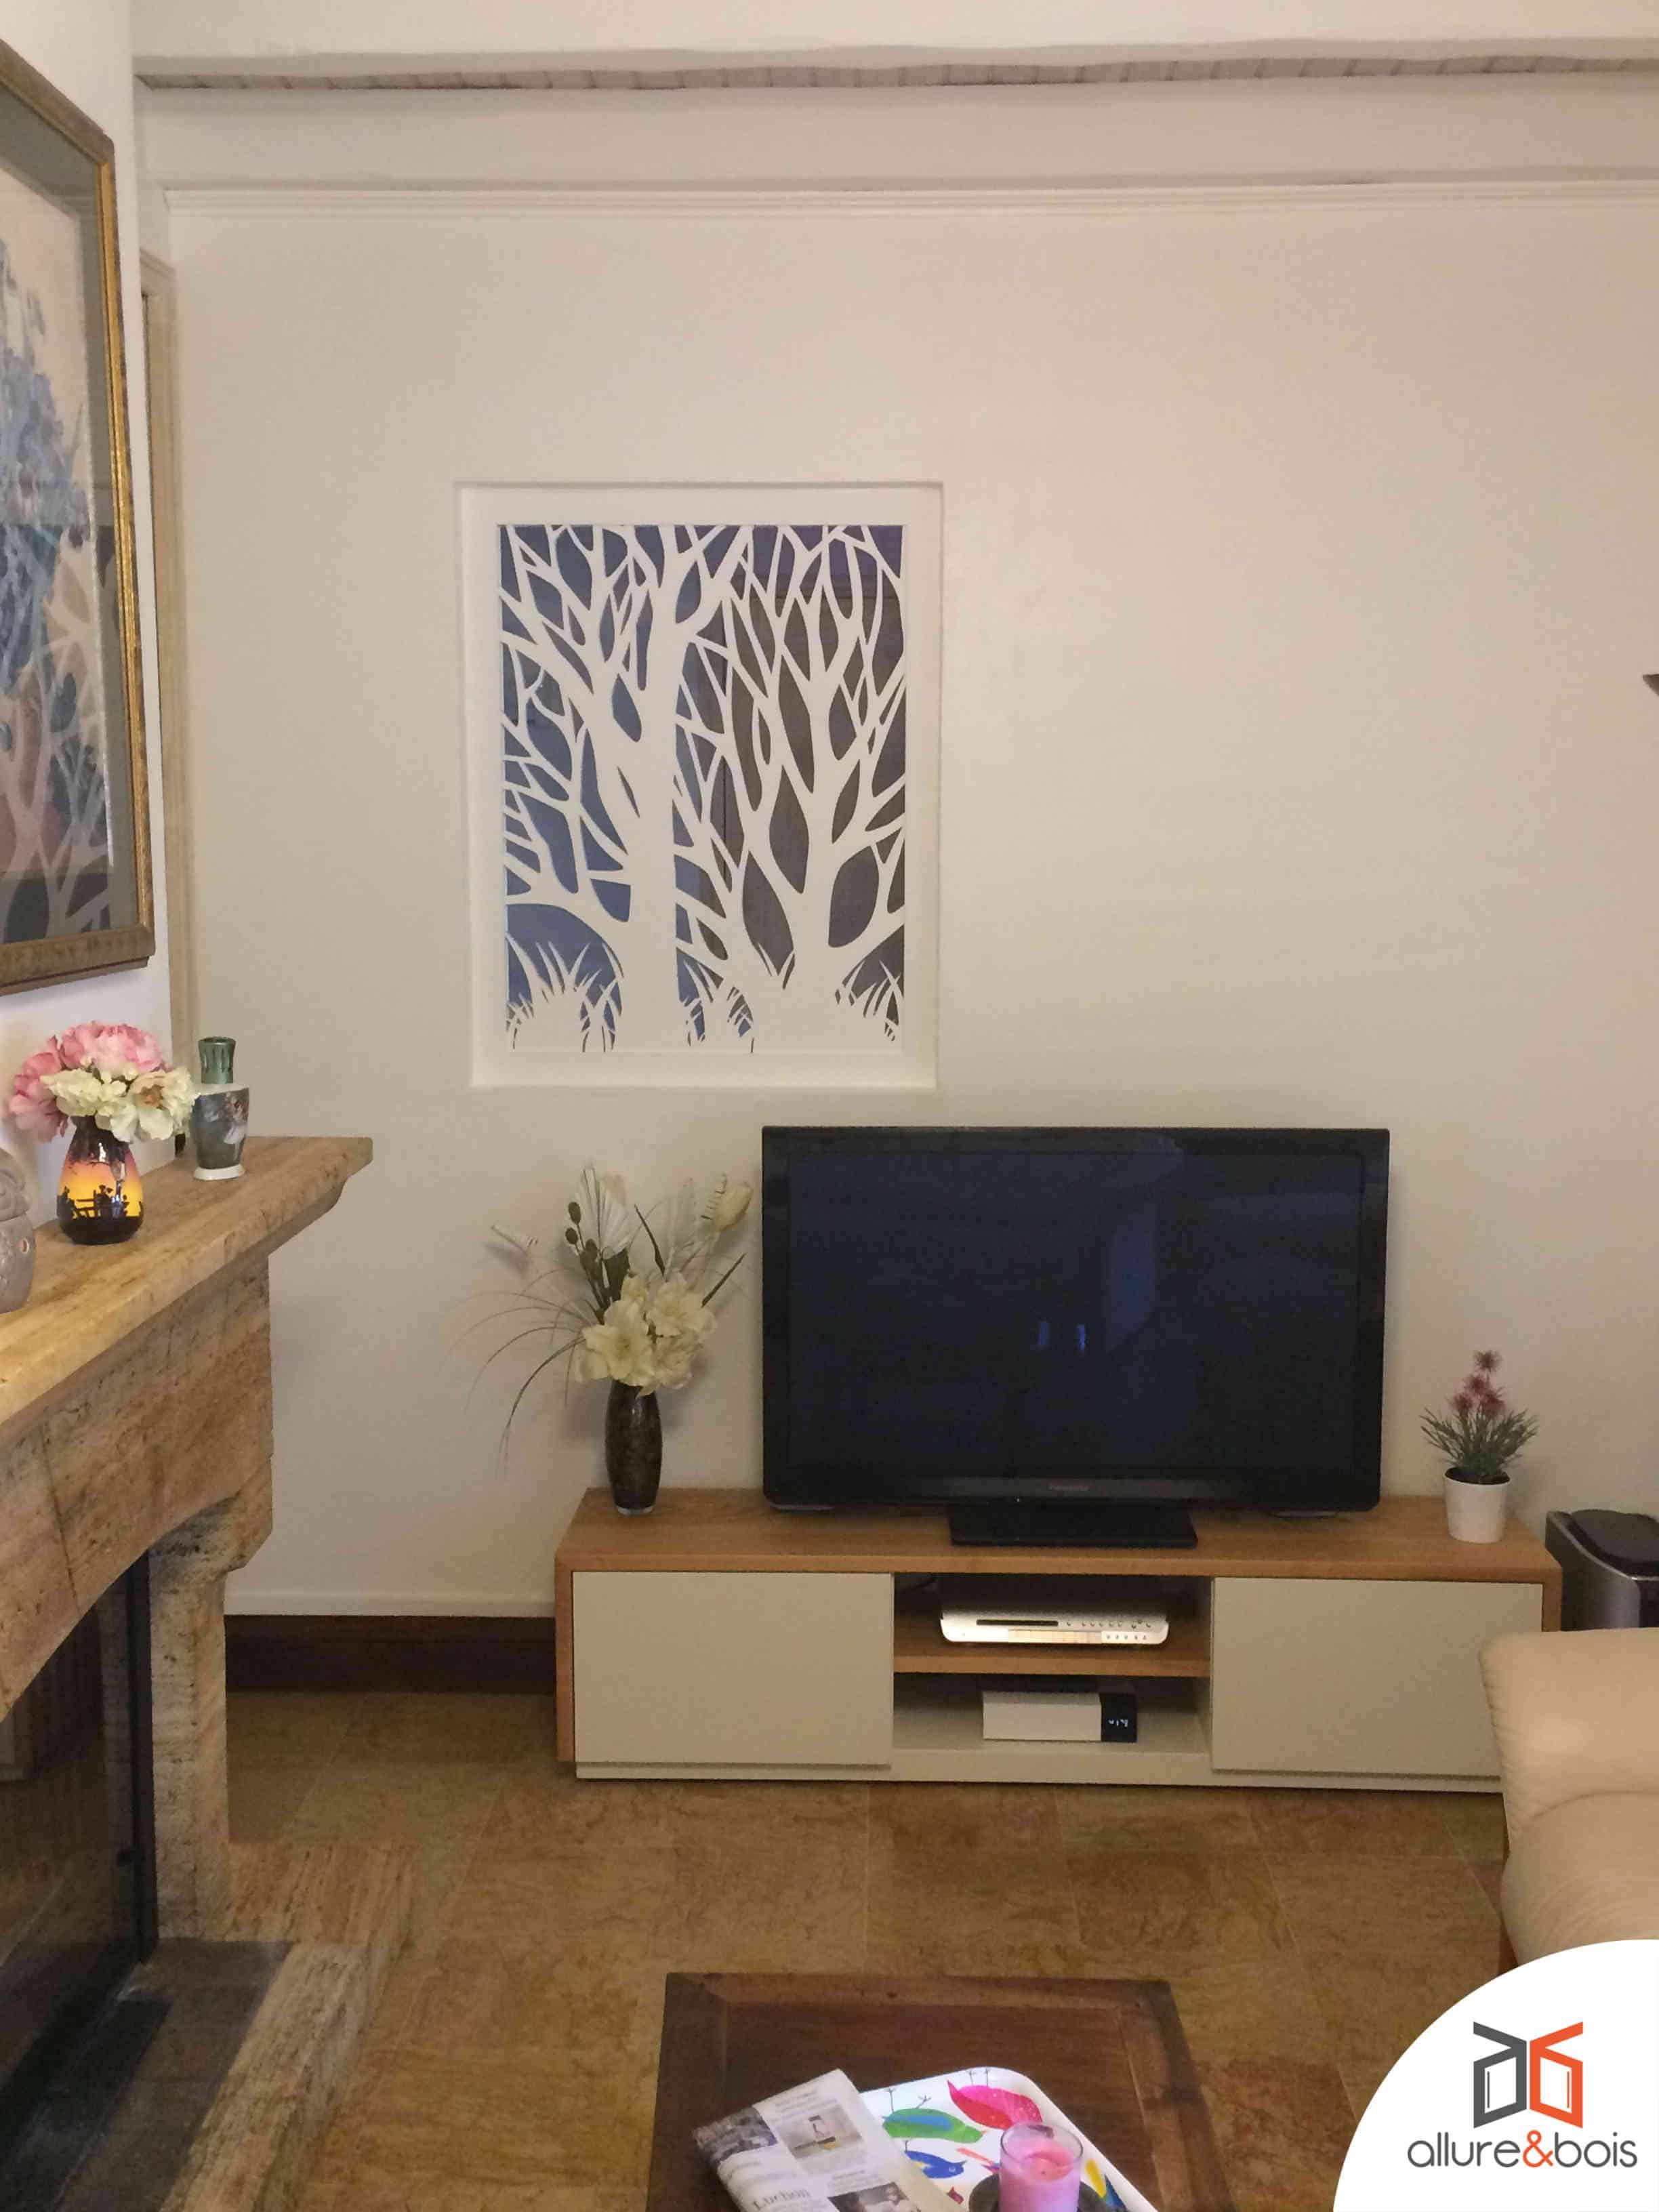 comment d corer une fen tre int rieure dans une cloison. Black Bedroom Furniture Sets. Home Design Ideas